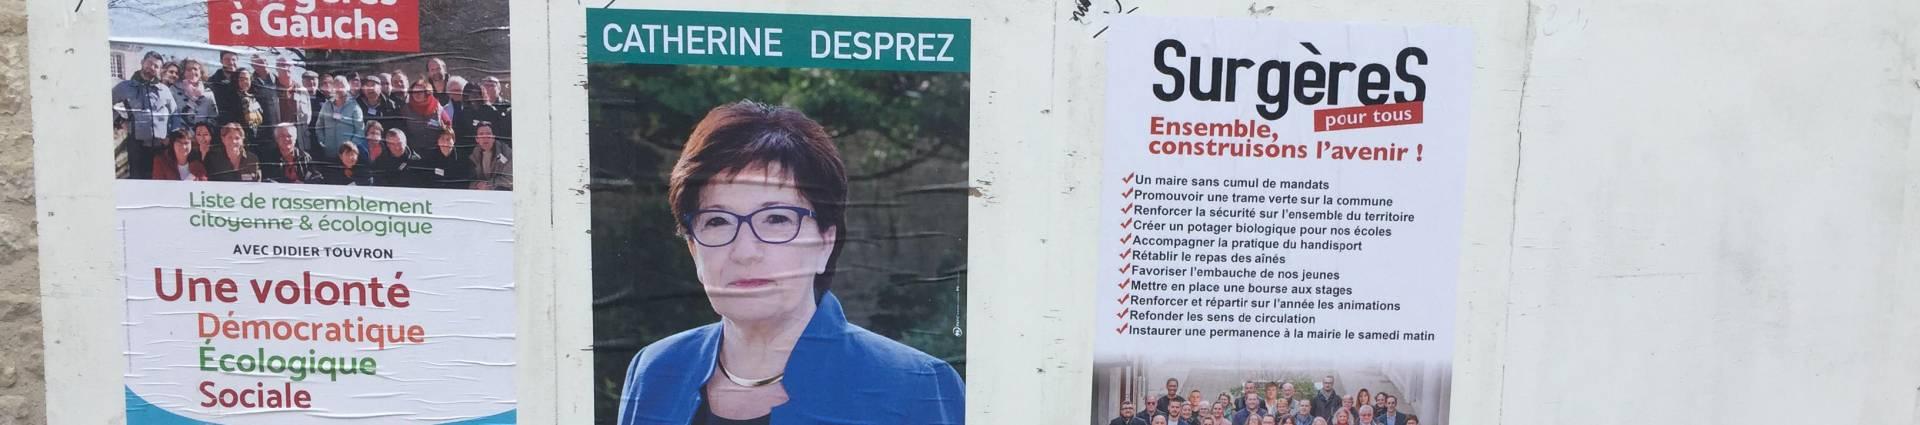 Résultats des élections municipales 2020 Surgères